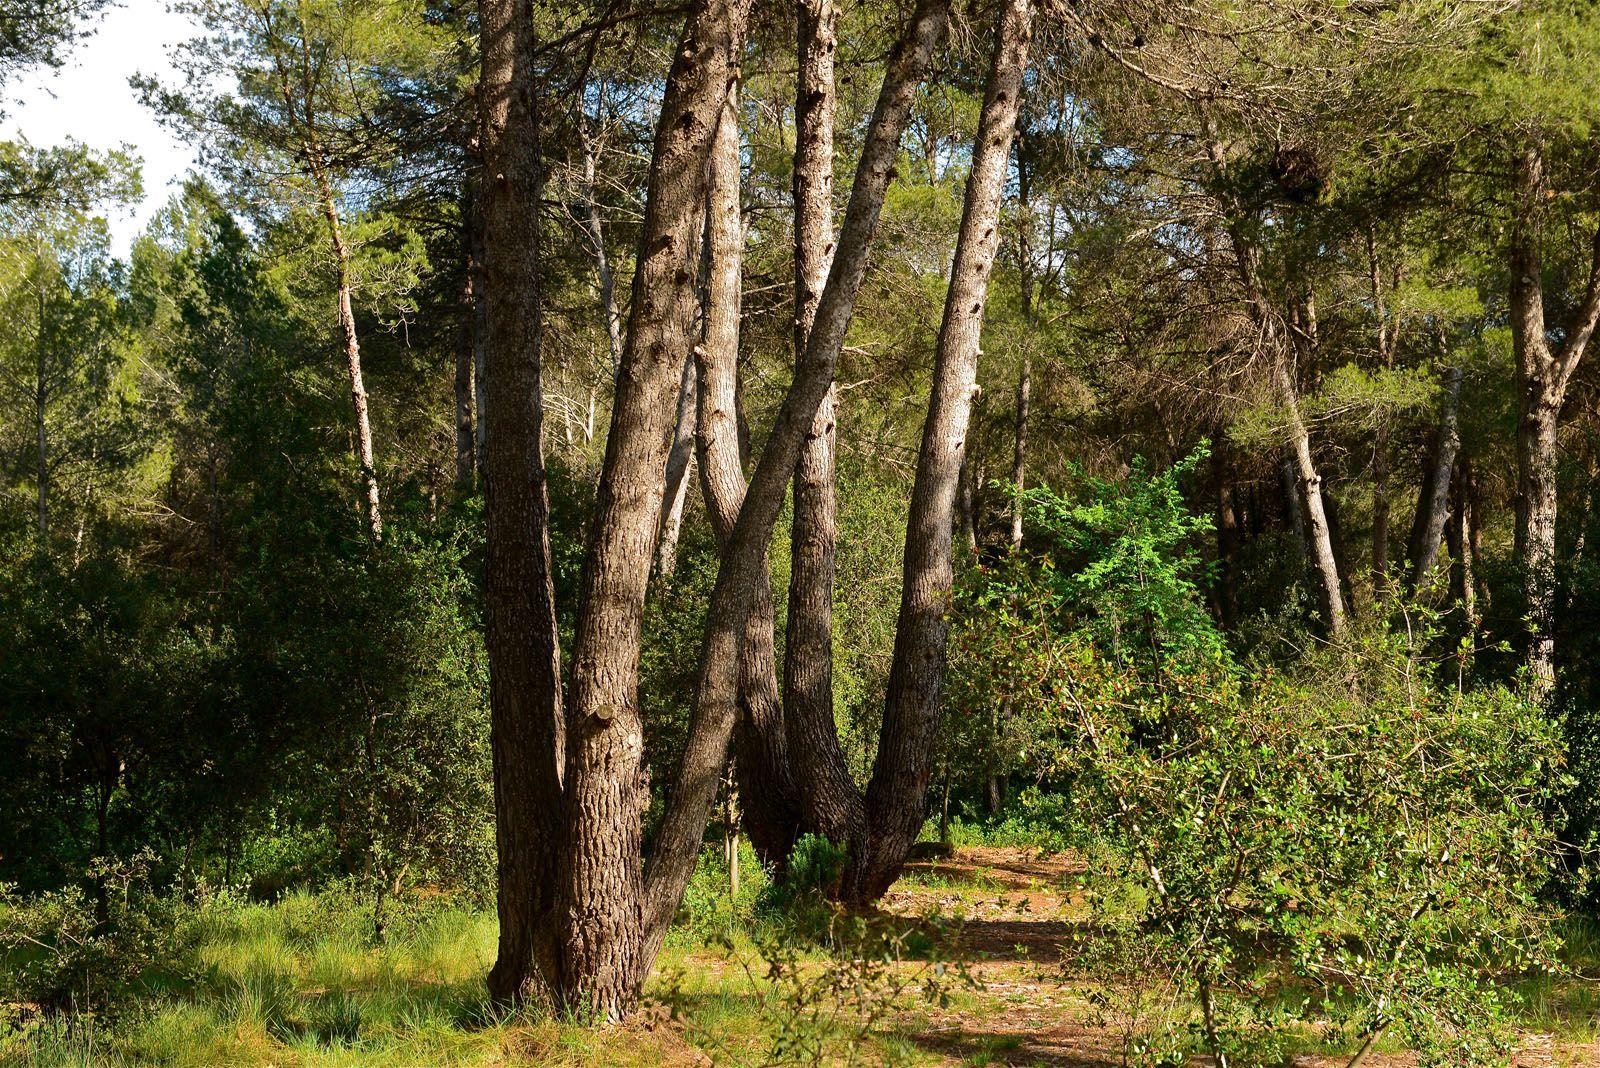 Dins el bosc hi ha una riera